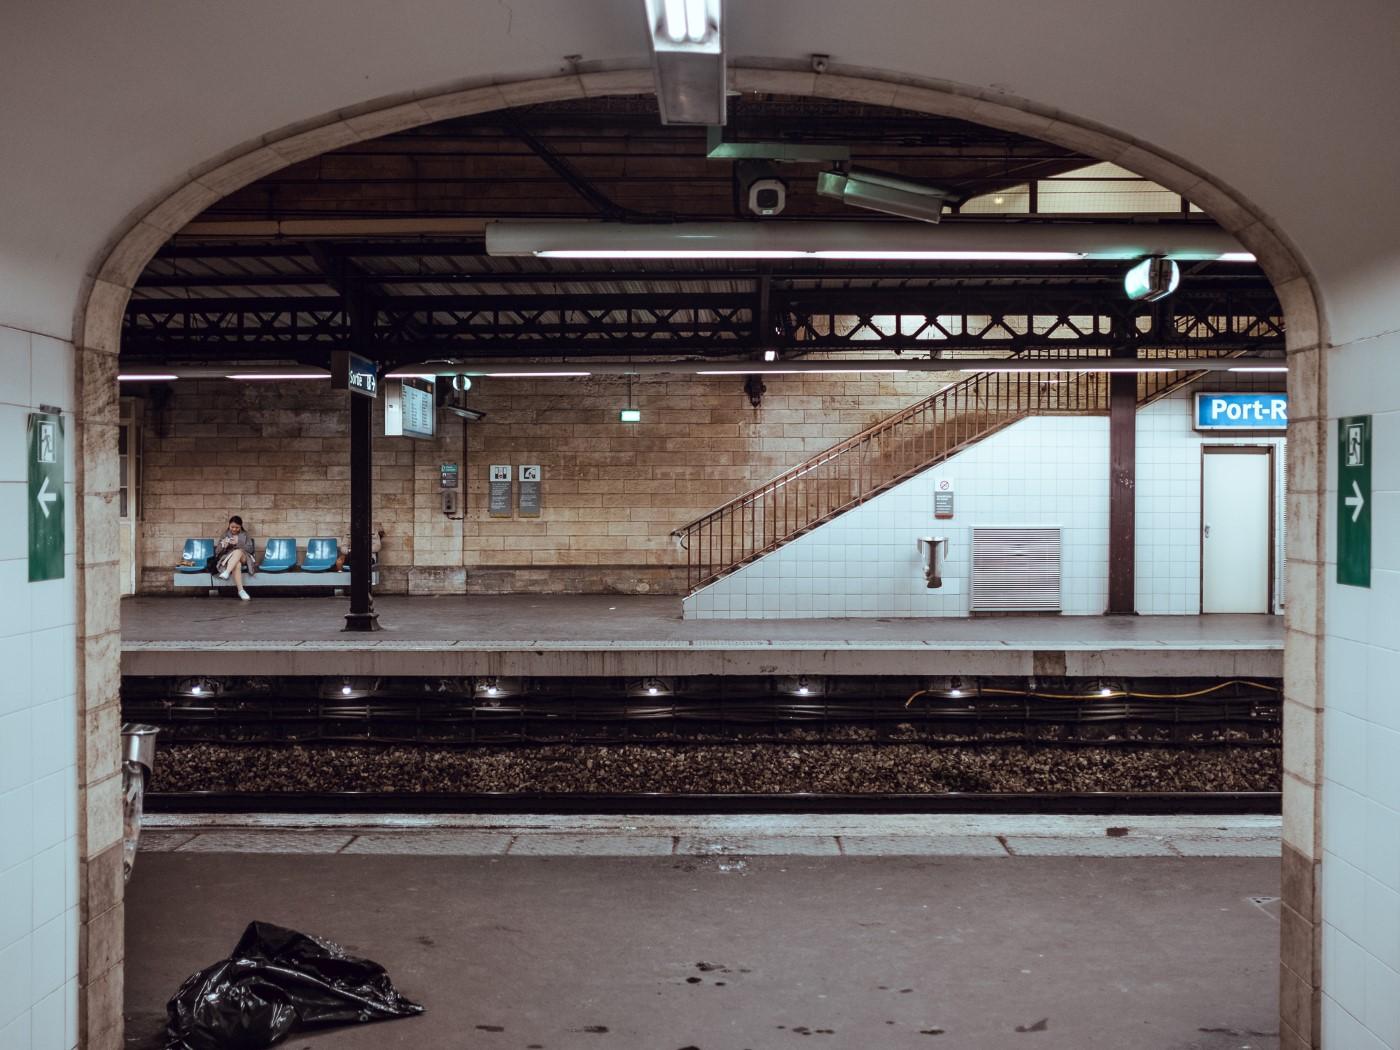 Station de RER Port Royal